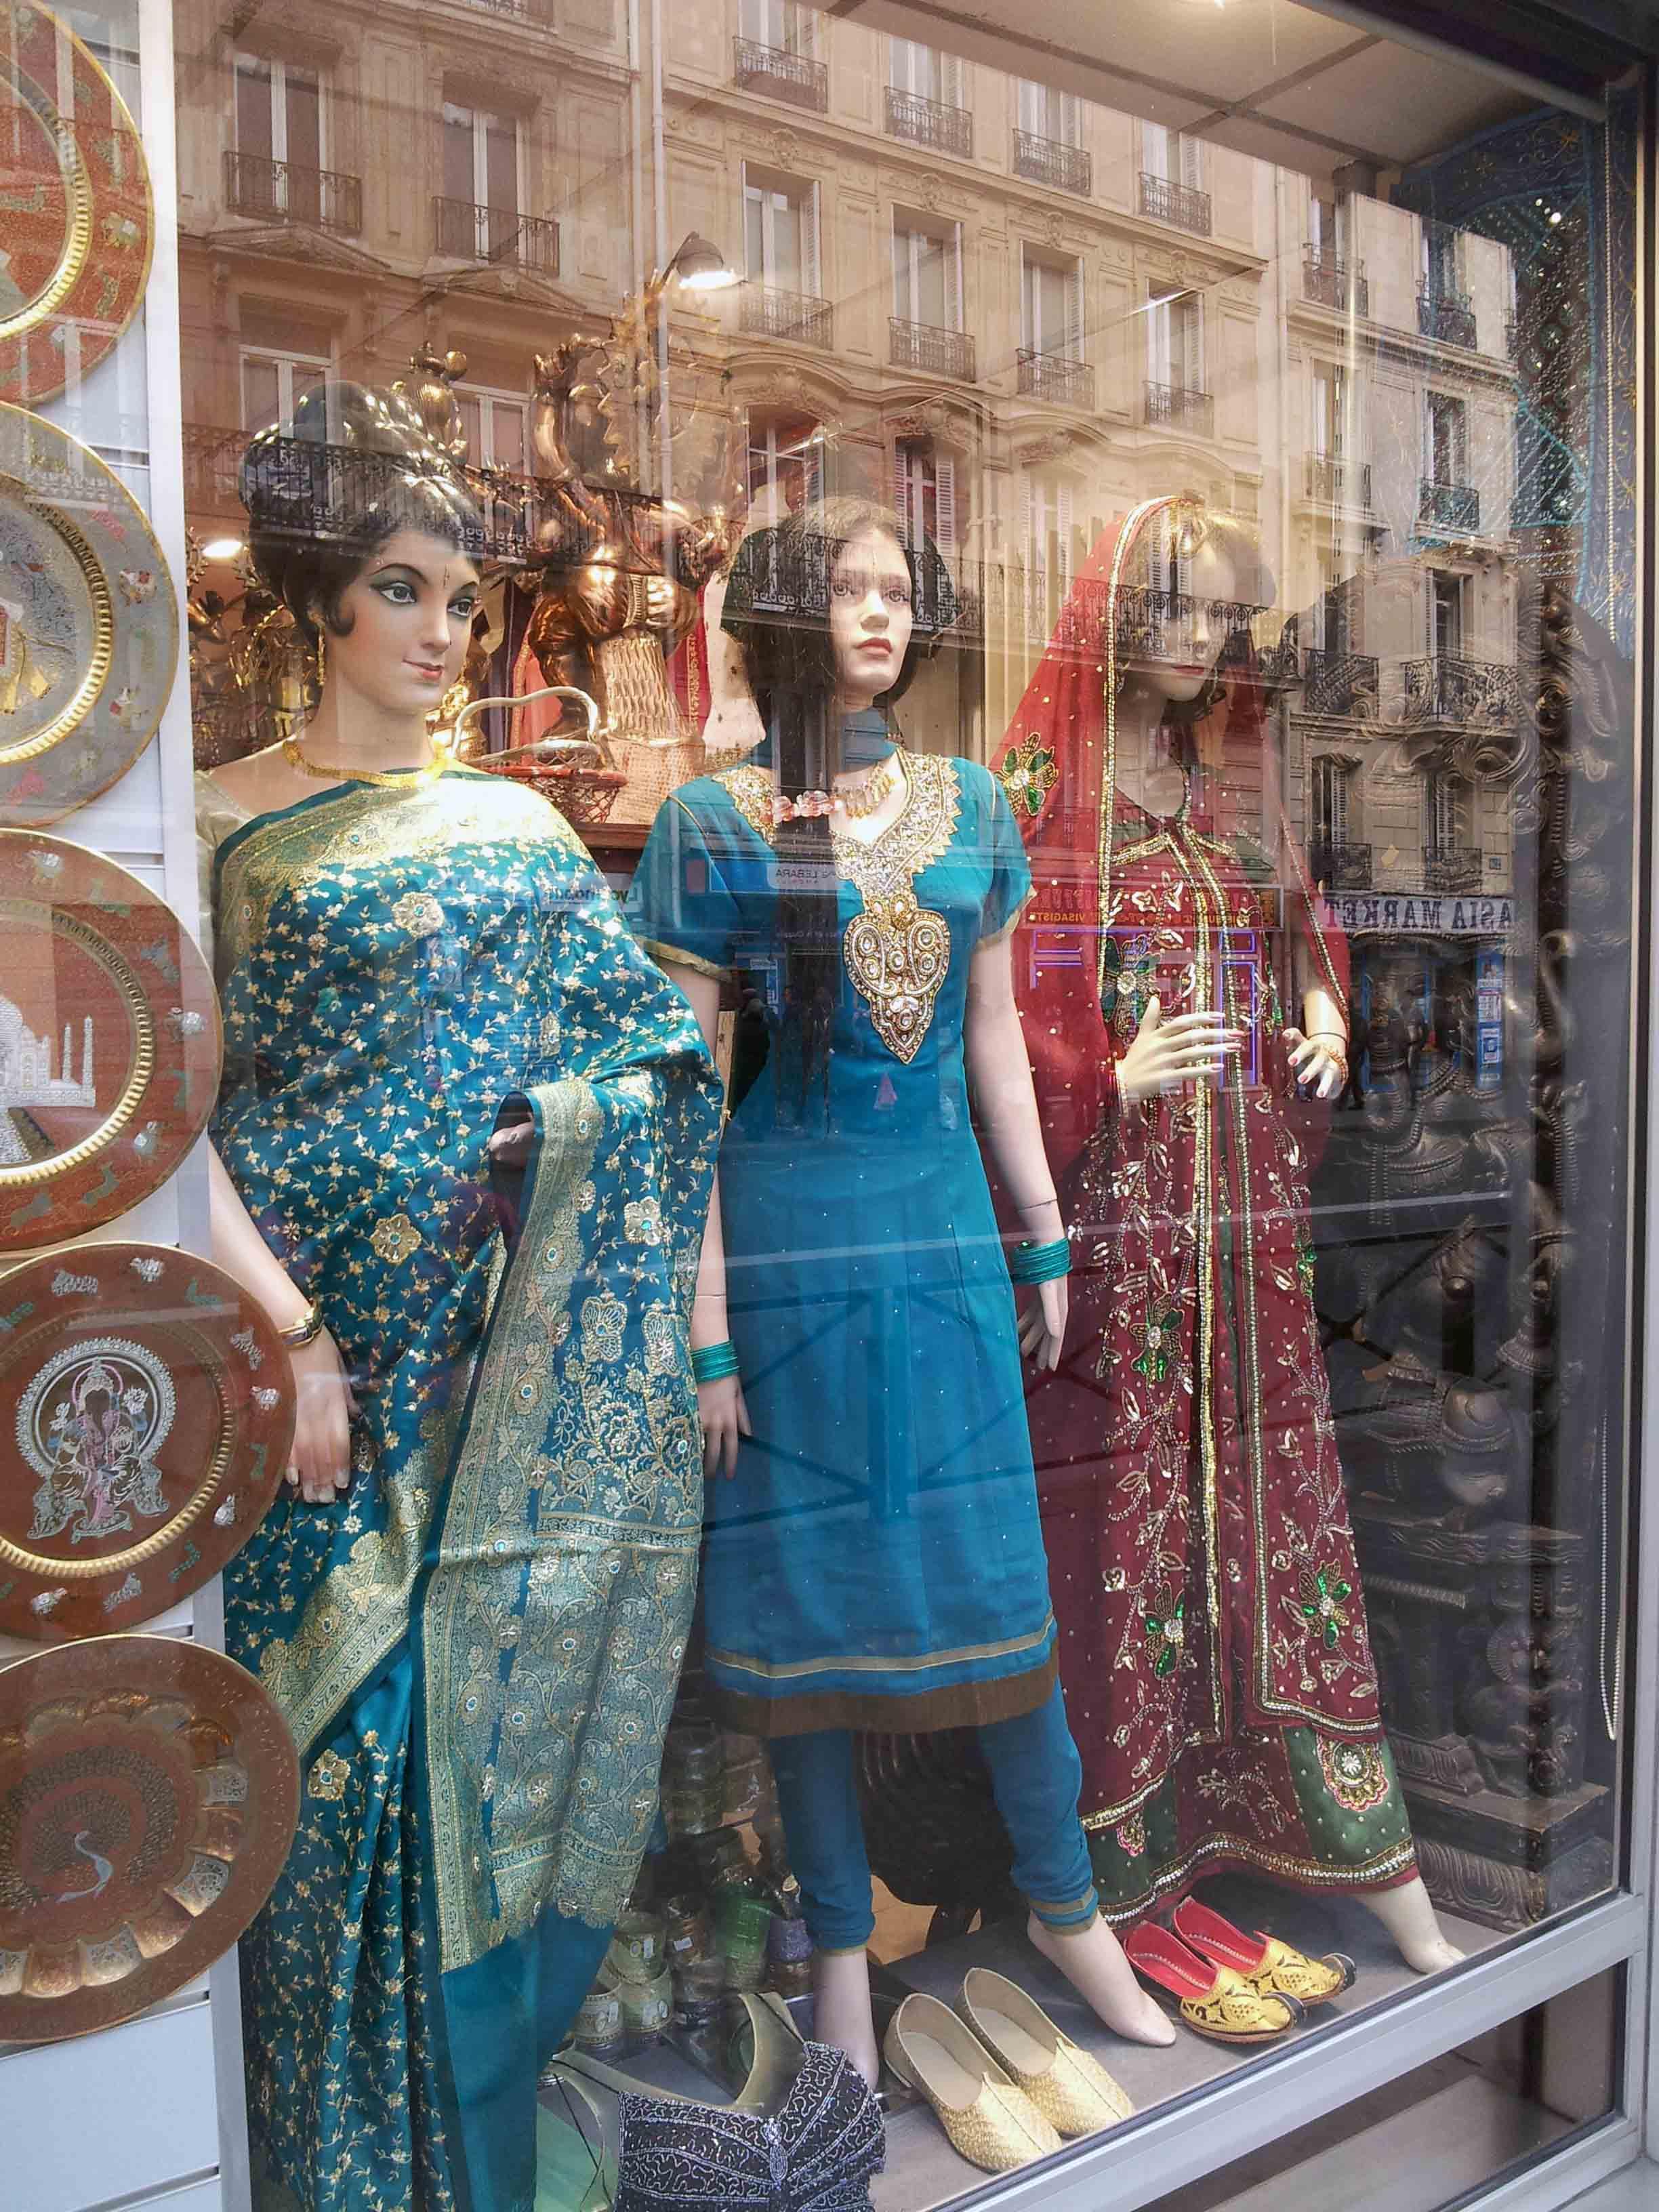 Les bonnes adresses du quartier indien paris pi ton de l 39 air - L indien boutique paris ...